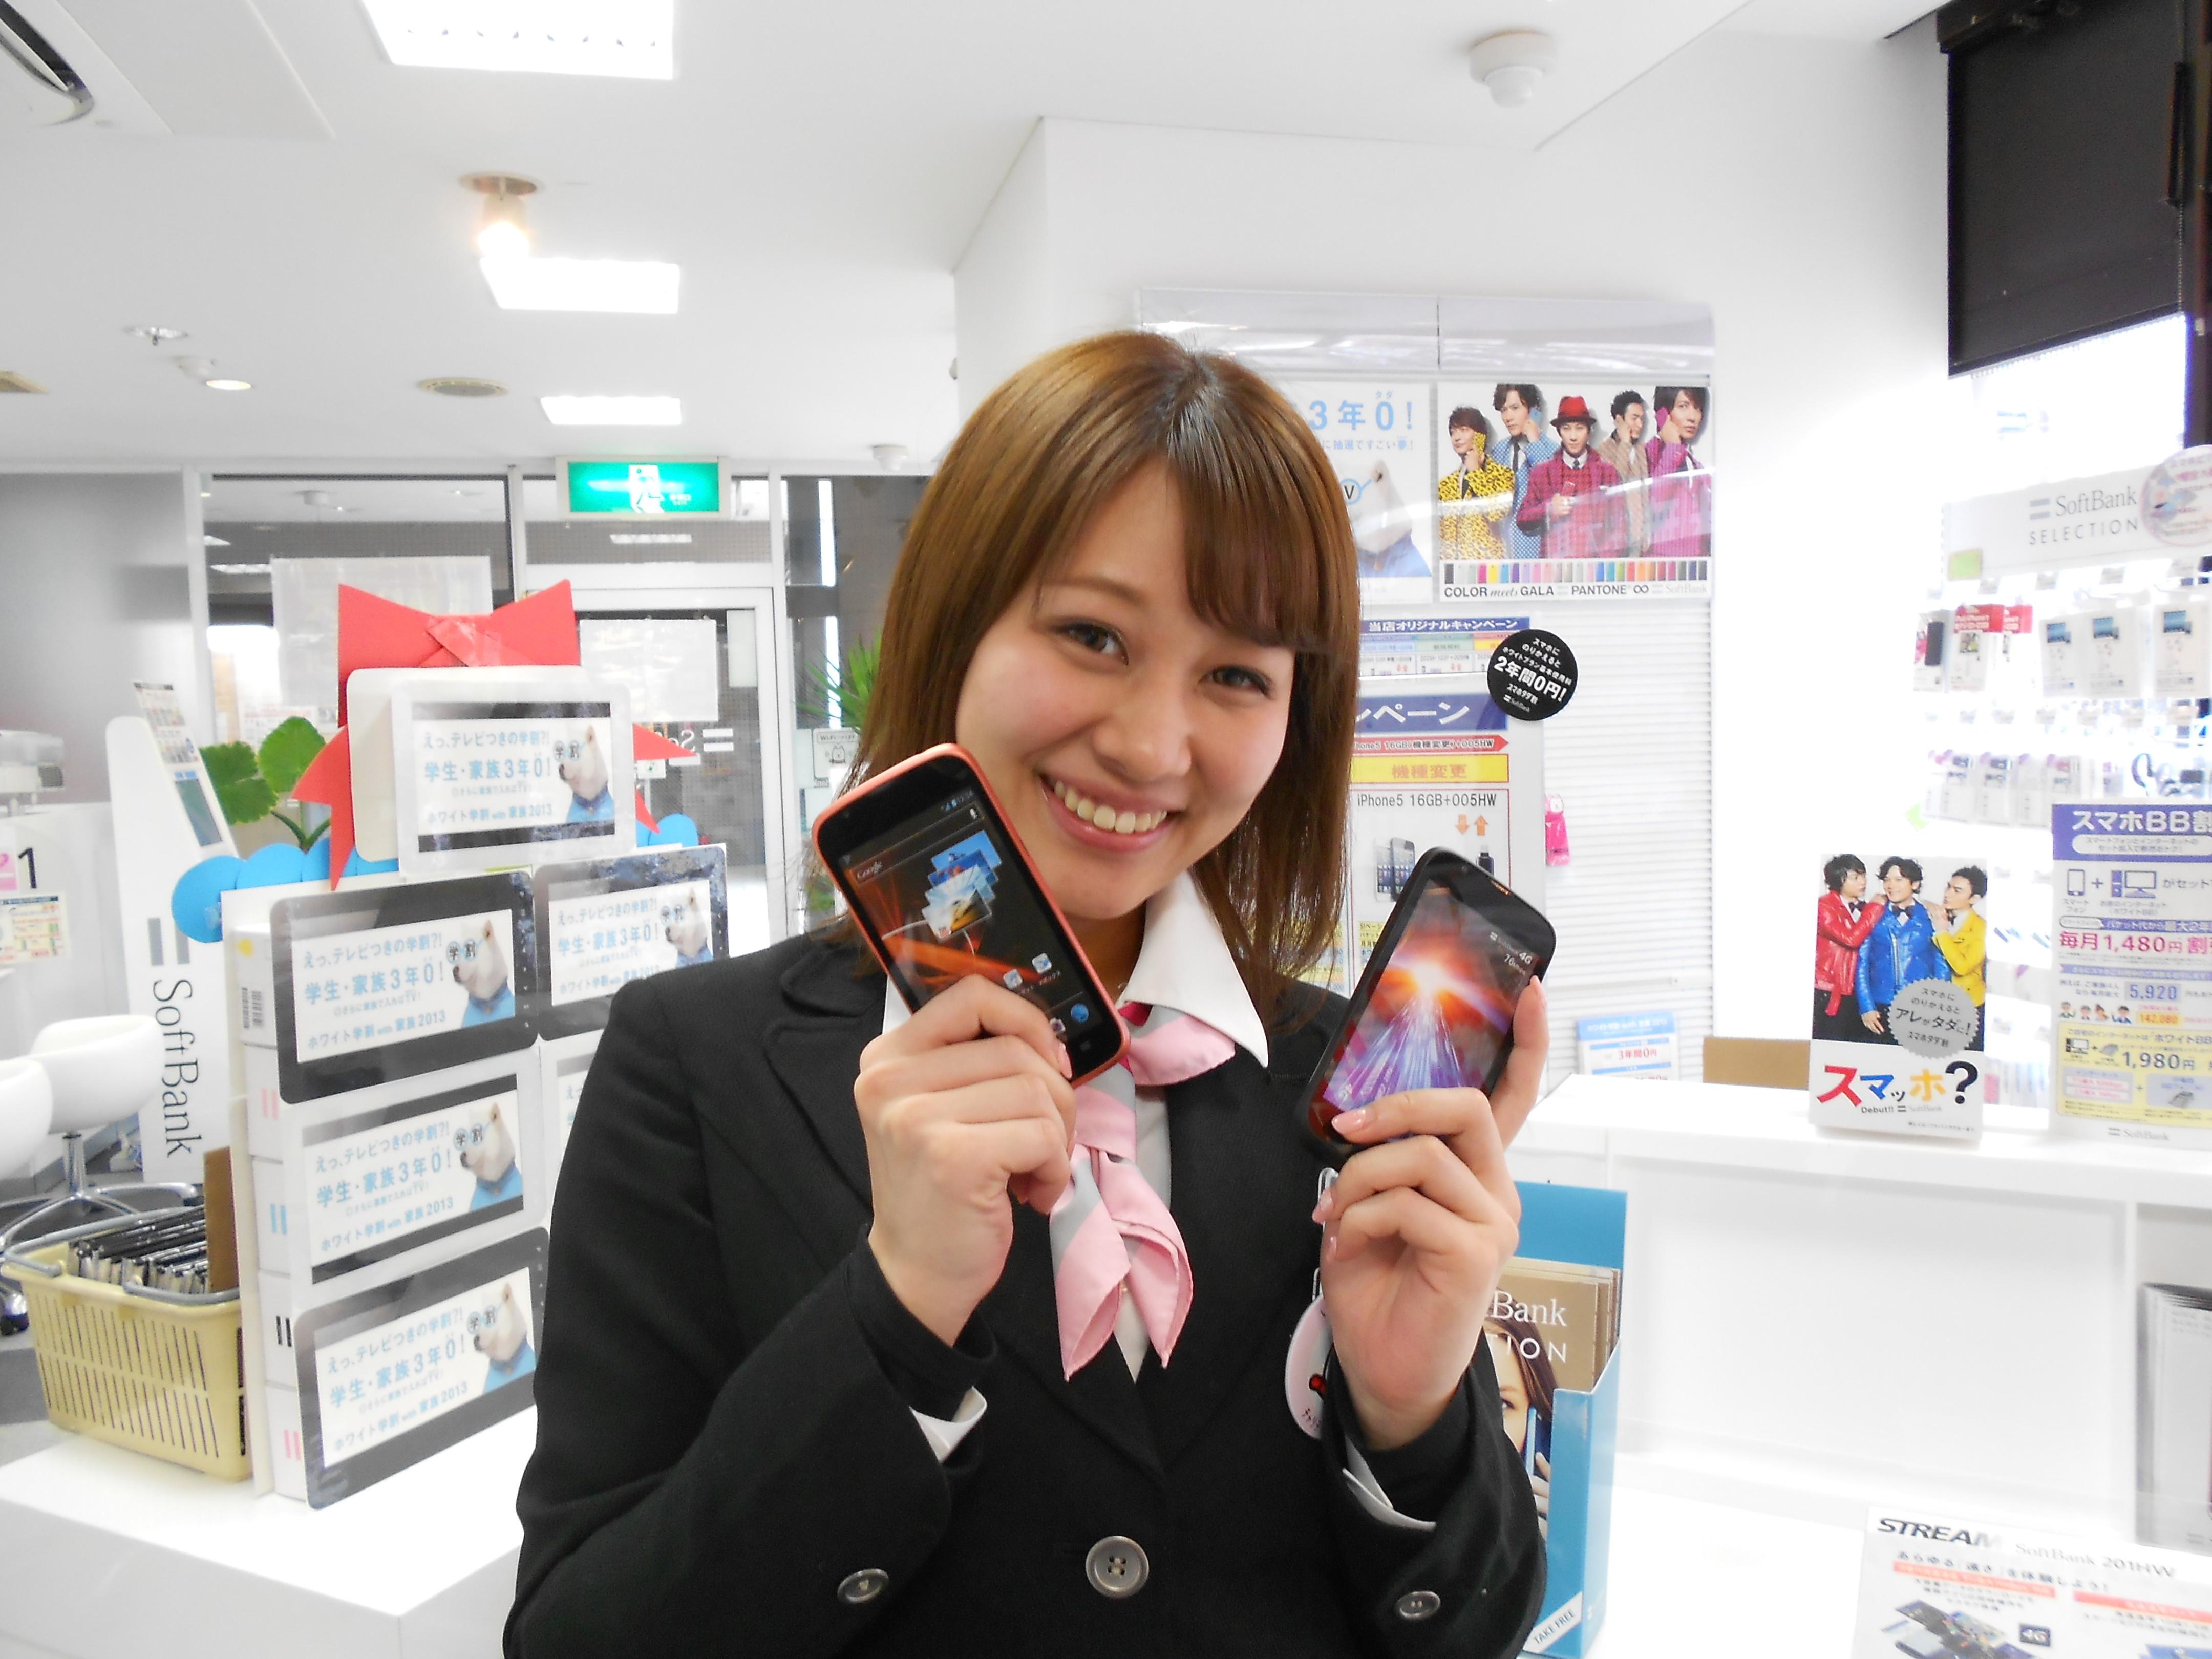 ワイモバイル 湘南台(株式会社シエロ)のアルバイト情報